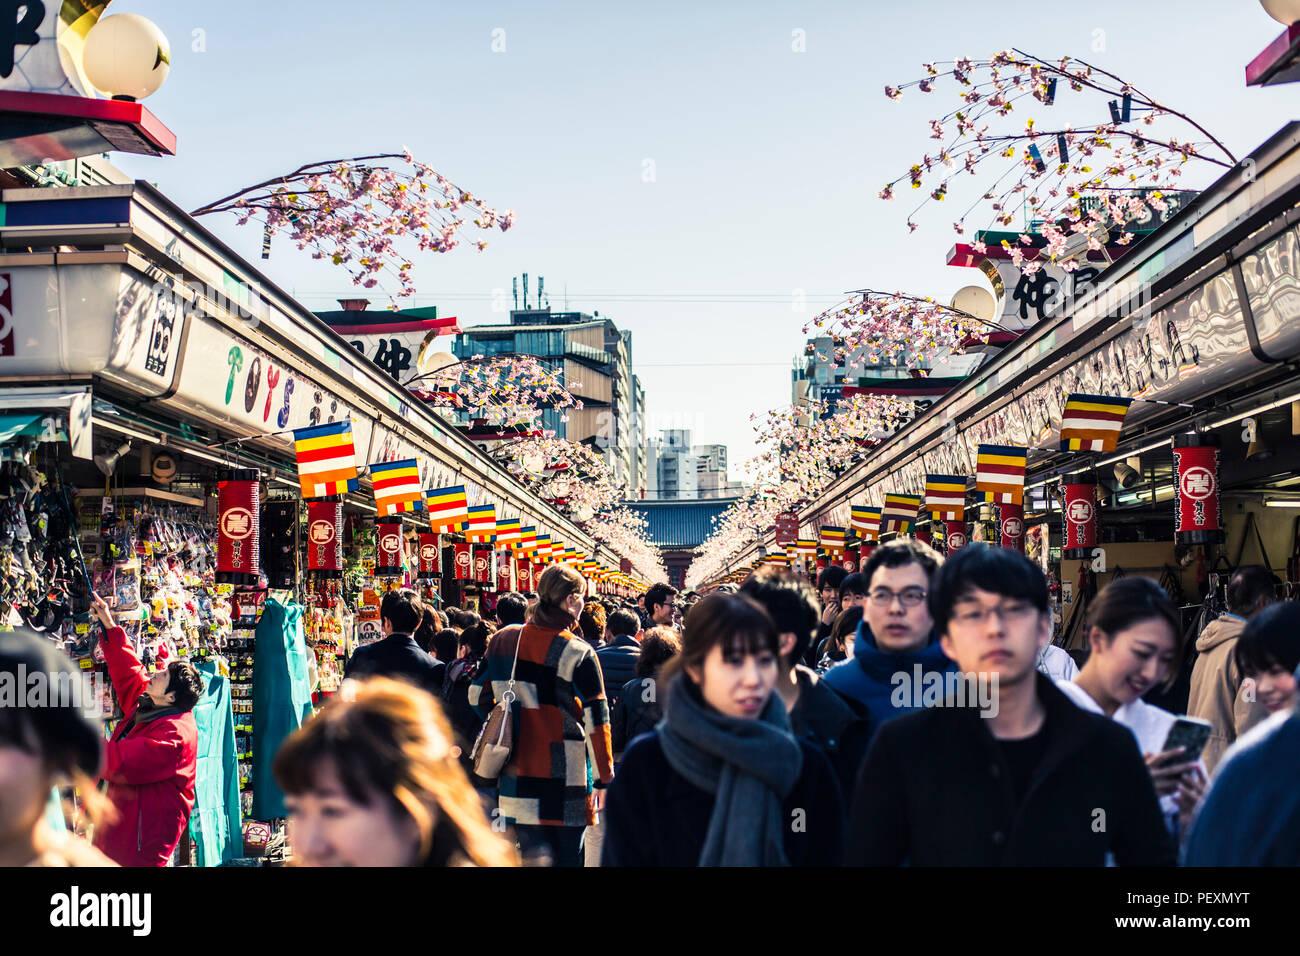 Street Market in Asakusa in der Nähe von Senso-ji-Schrein in Tokio, Japan. Stockbild